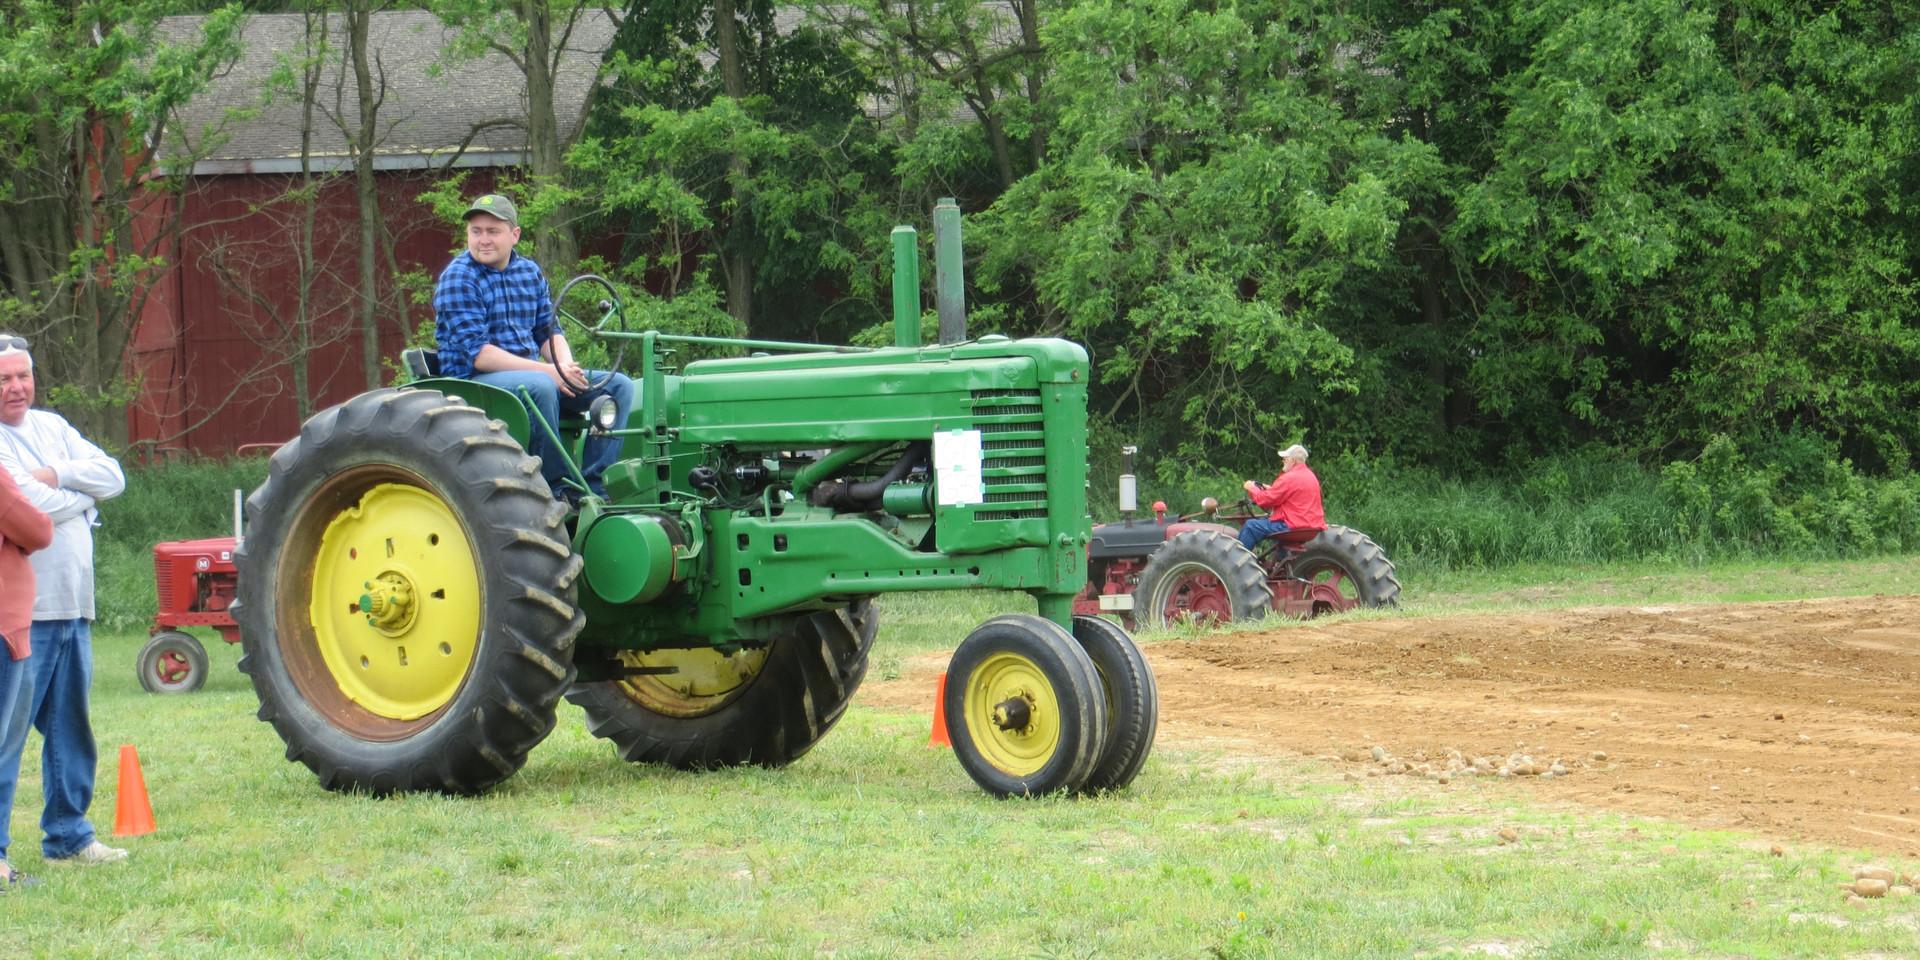 June 2, 2018 Tractor Pulls